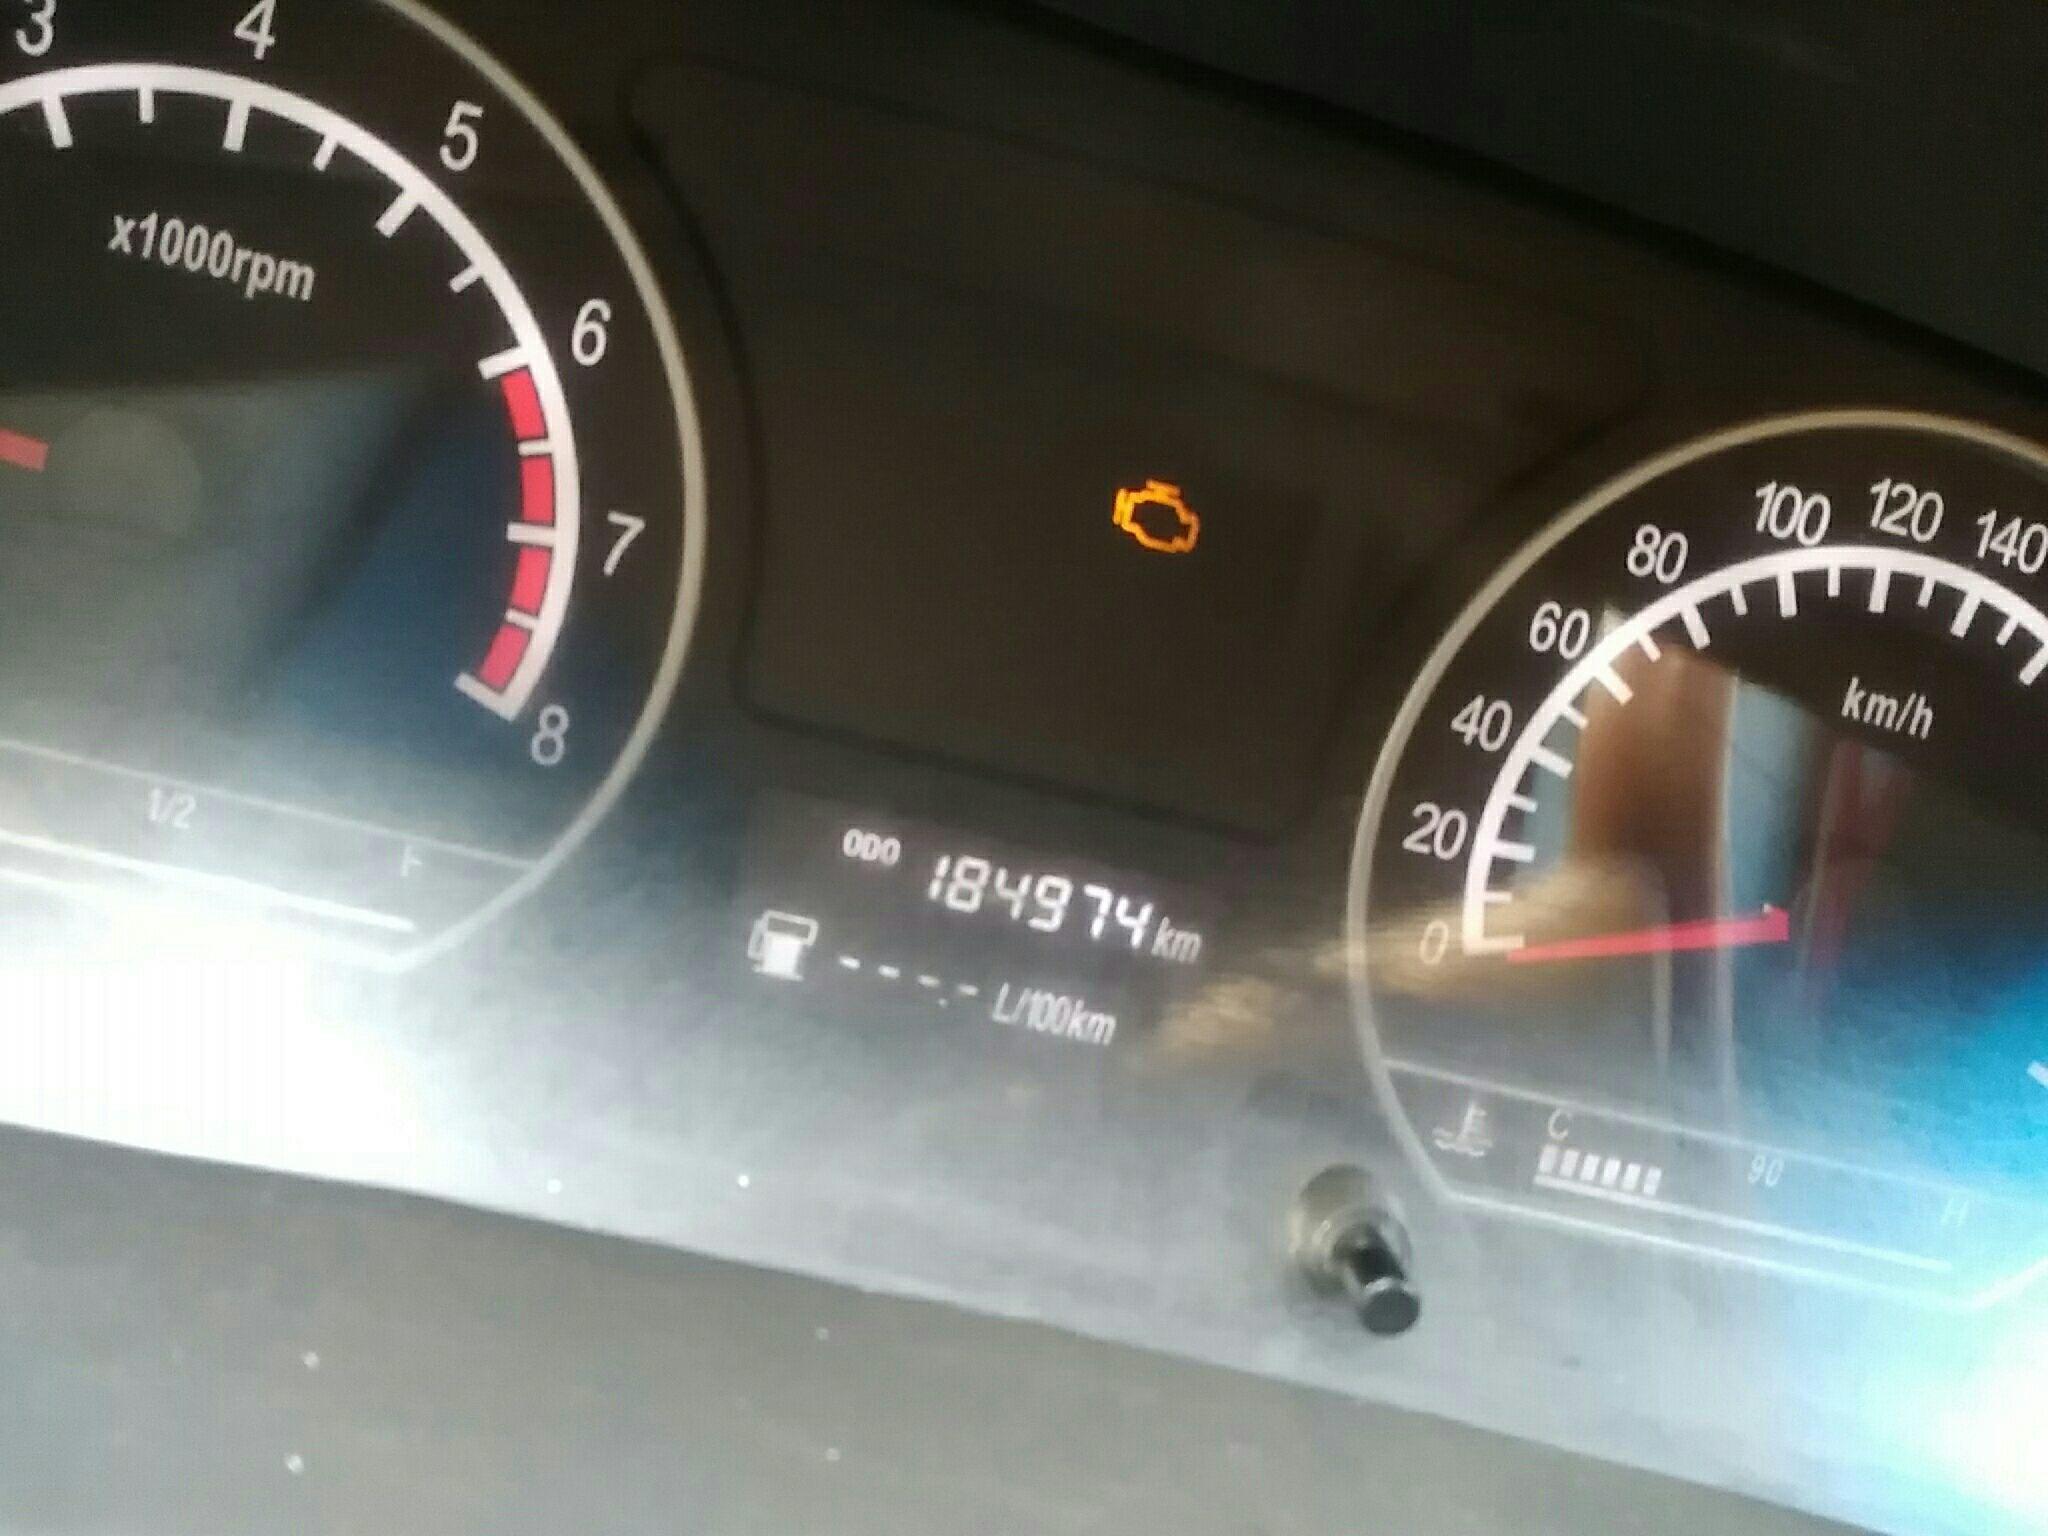 【吉利英伦sc7 2010款 英伦1.5sc715】——车速拍